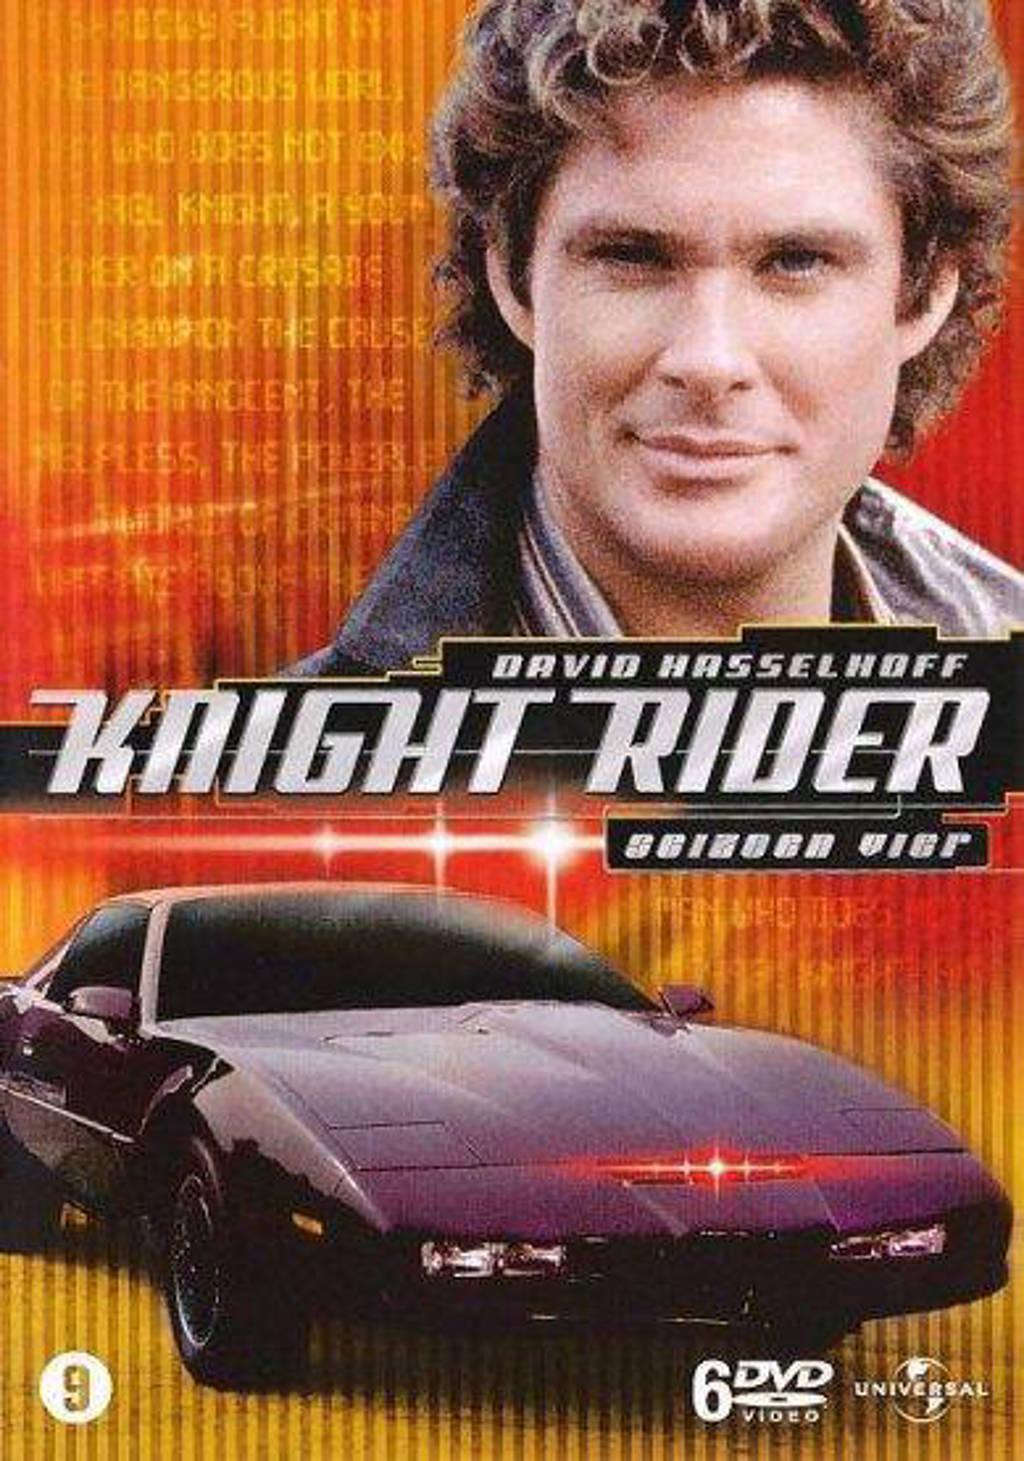 Knight rider - Seizoen 4 (DVD)